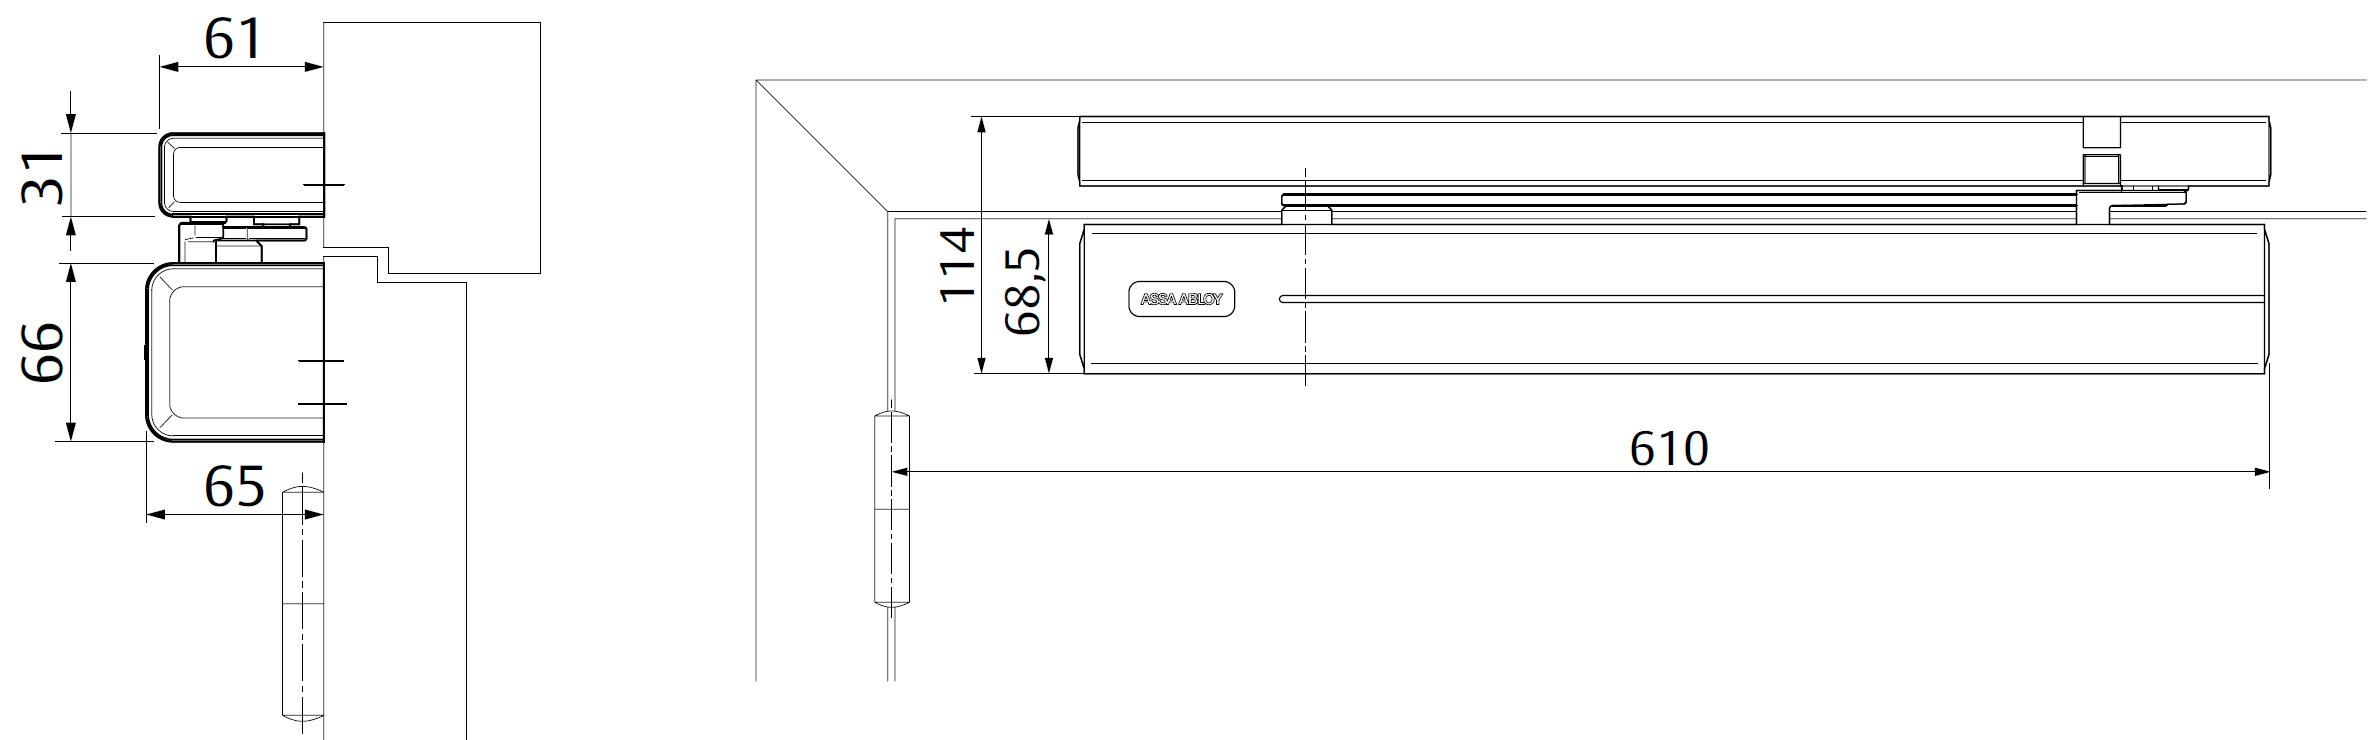 Место для стандартной установки доводчика DC700G-CM со стороны петель